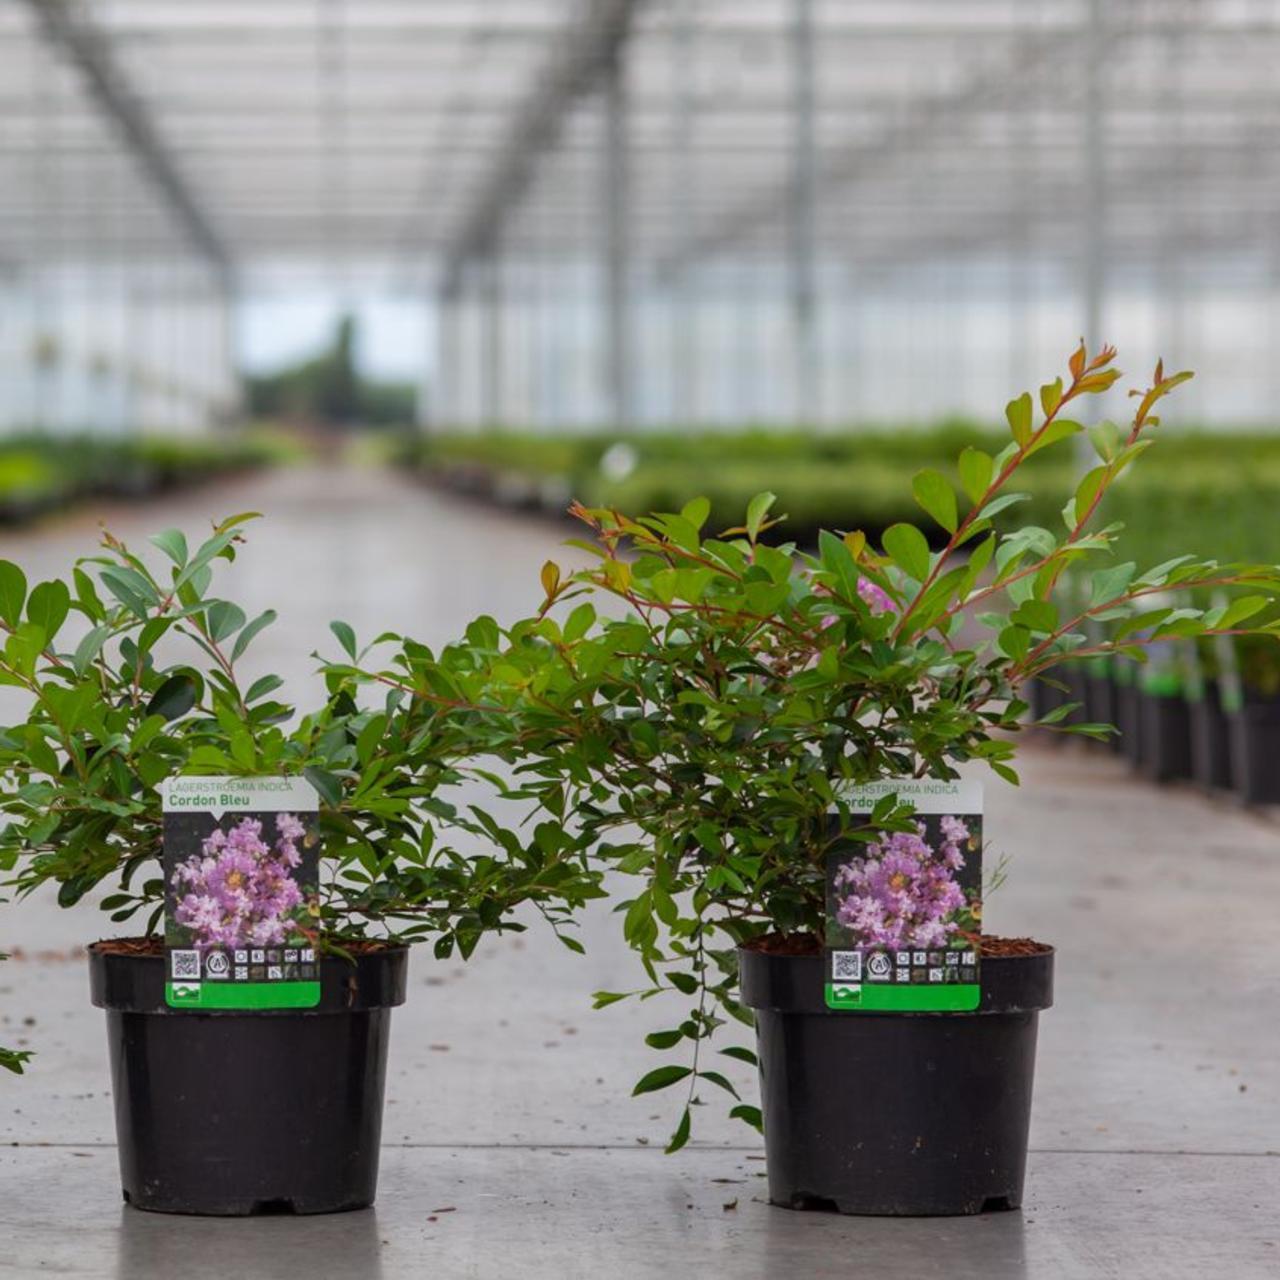 Lagerstroemia indica 'Cordon Bleu' plant